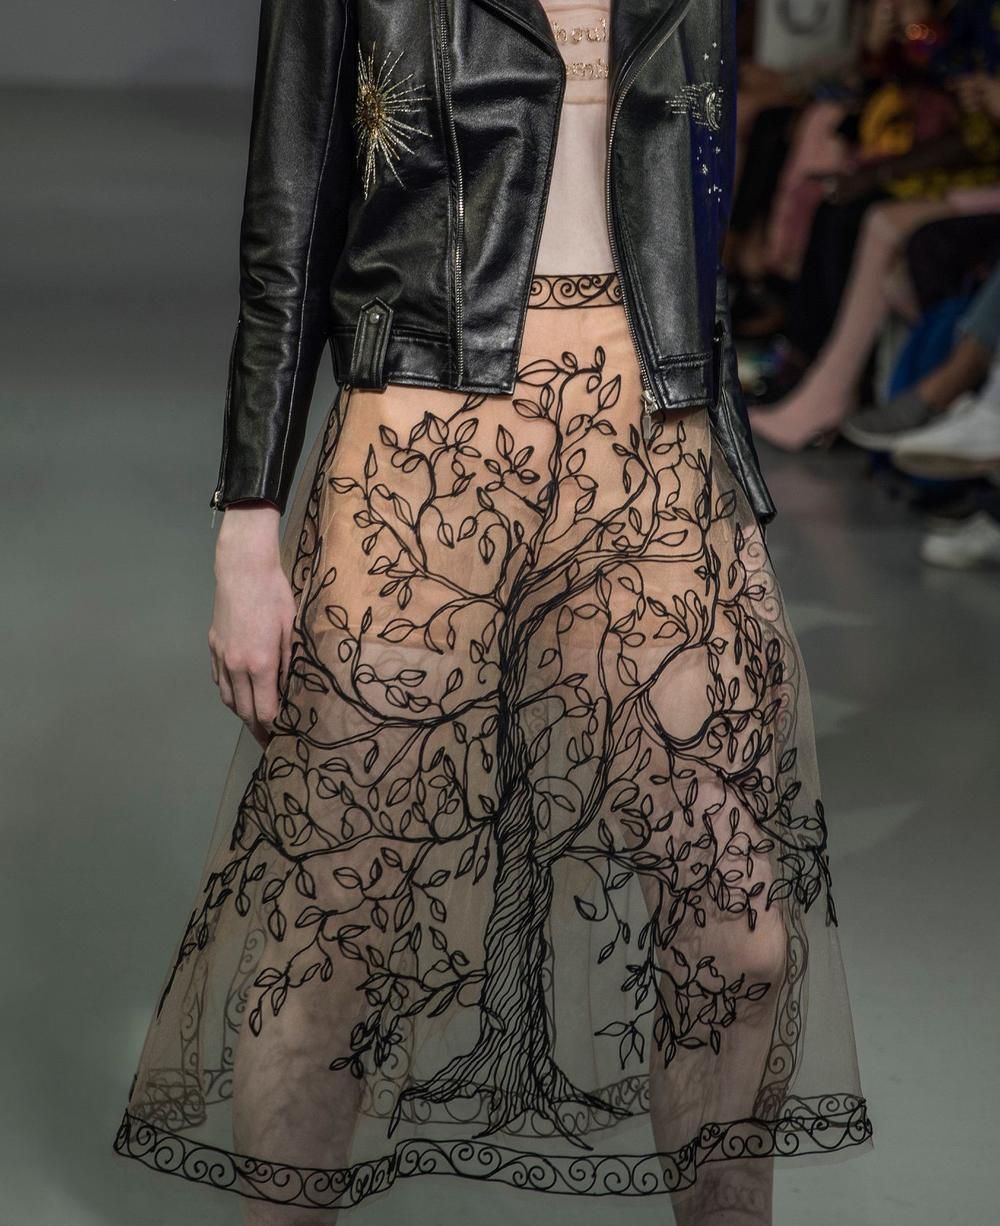 Góc tự hào: Trần Hùng chính thức trở thành thành viên nhà Thiết kế của Hiệp hội Thời trang Anh Quốc Ảnh 16